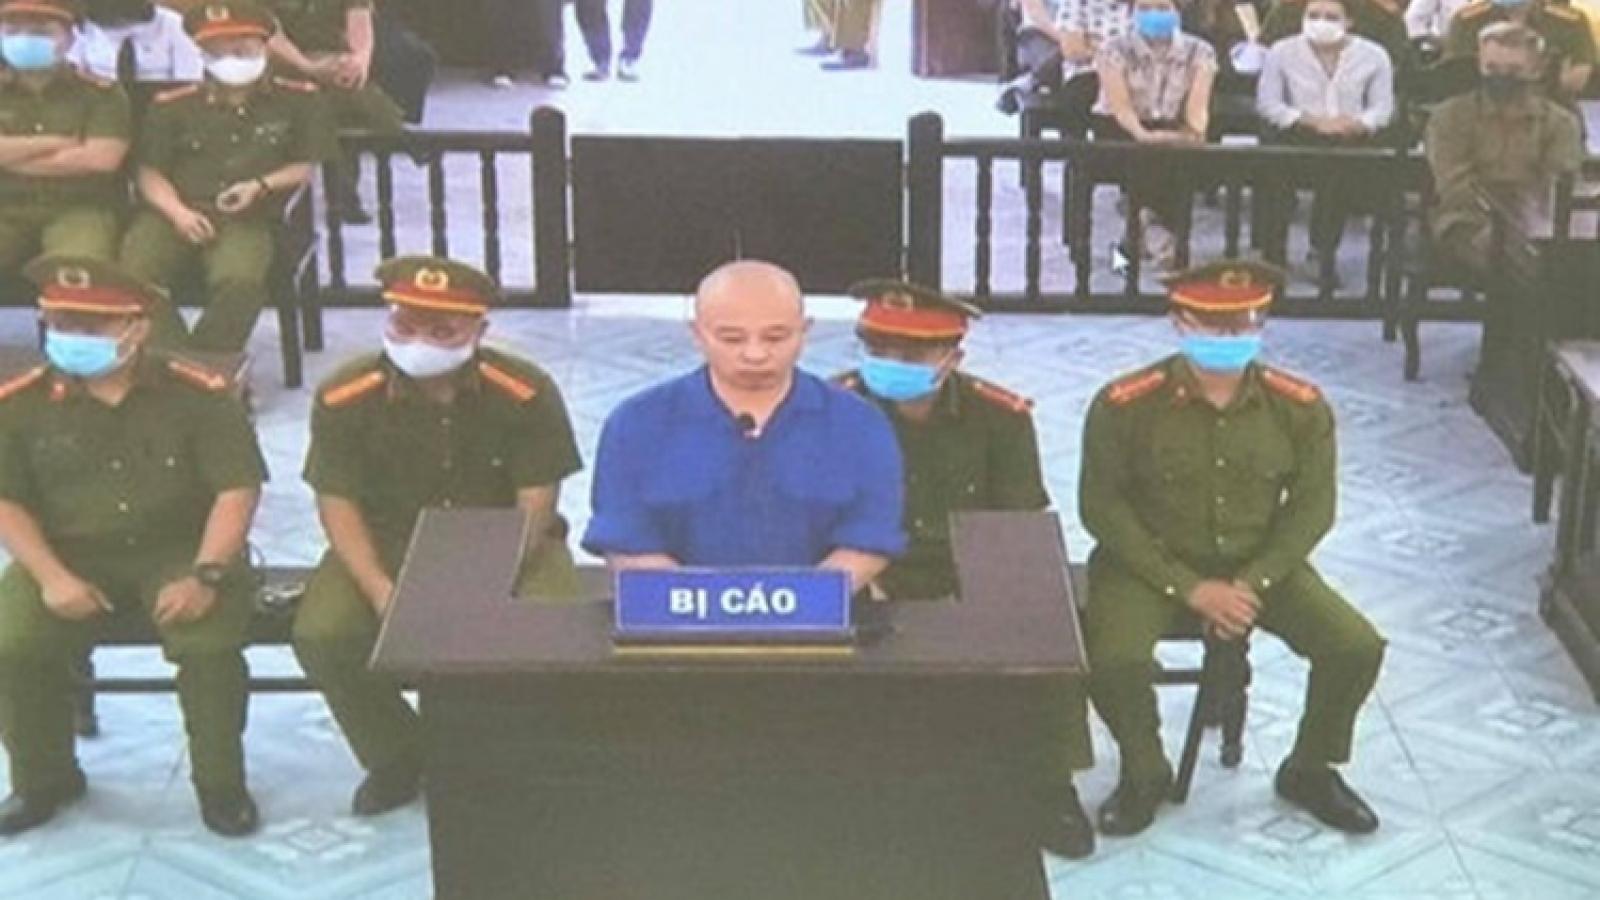 Hoãn phiên tòa xét xử Nguyễn Xuân Đường và con nuôi vụ xâm phạm chỗ ở